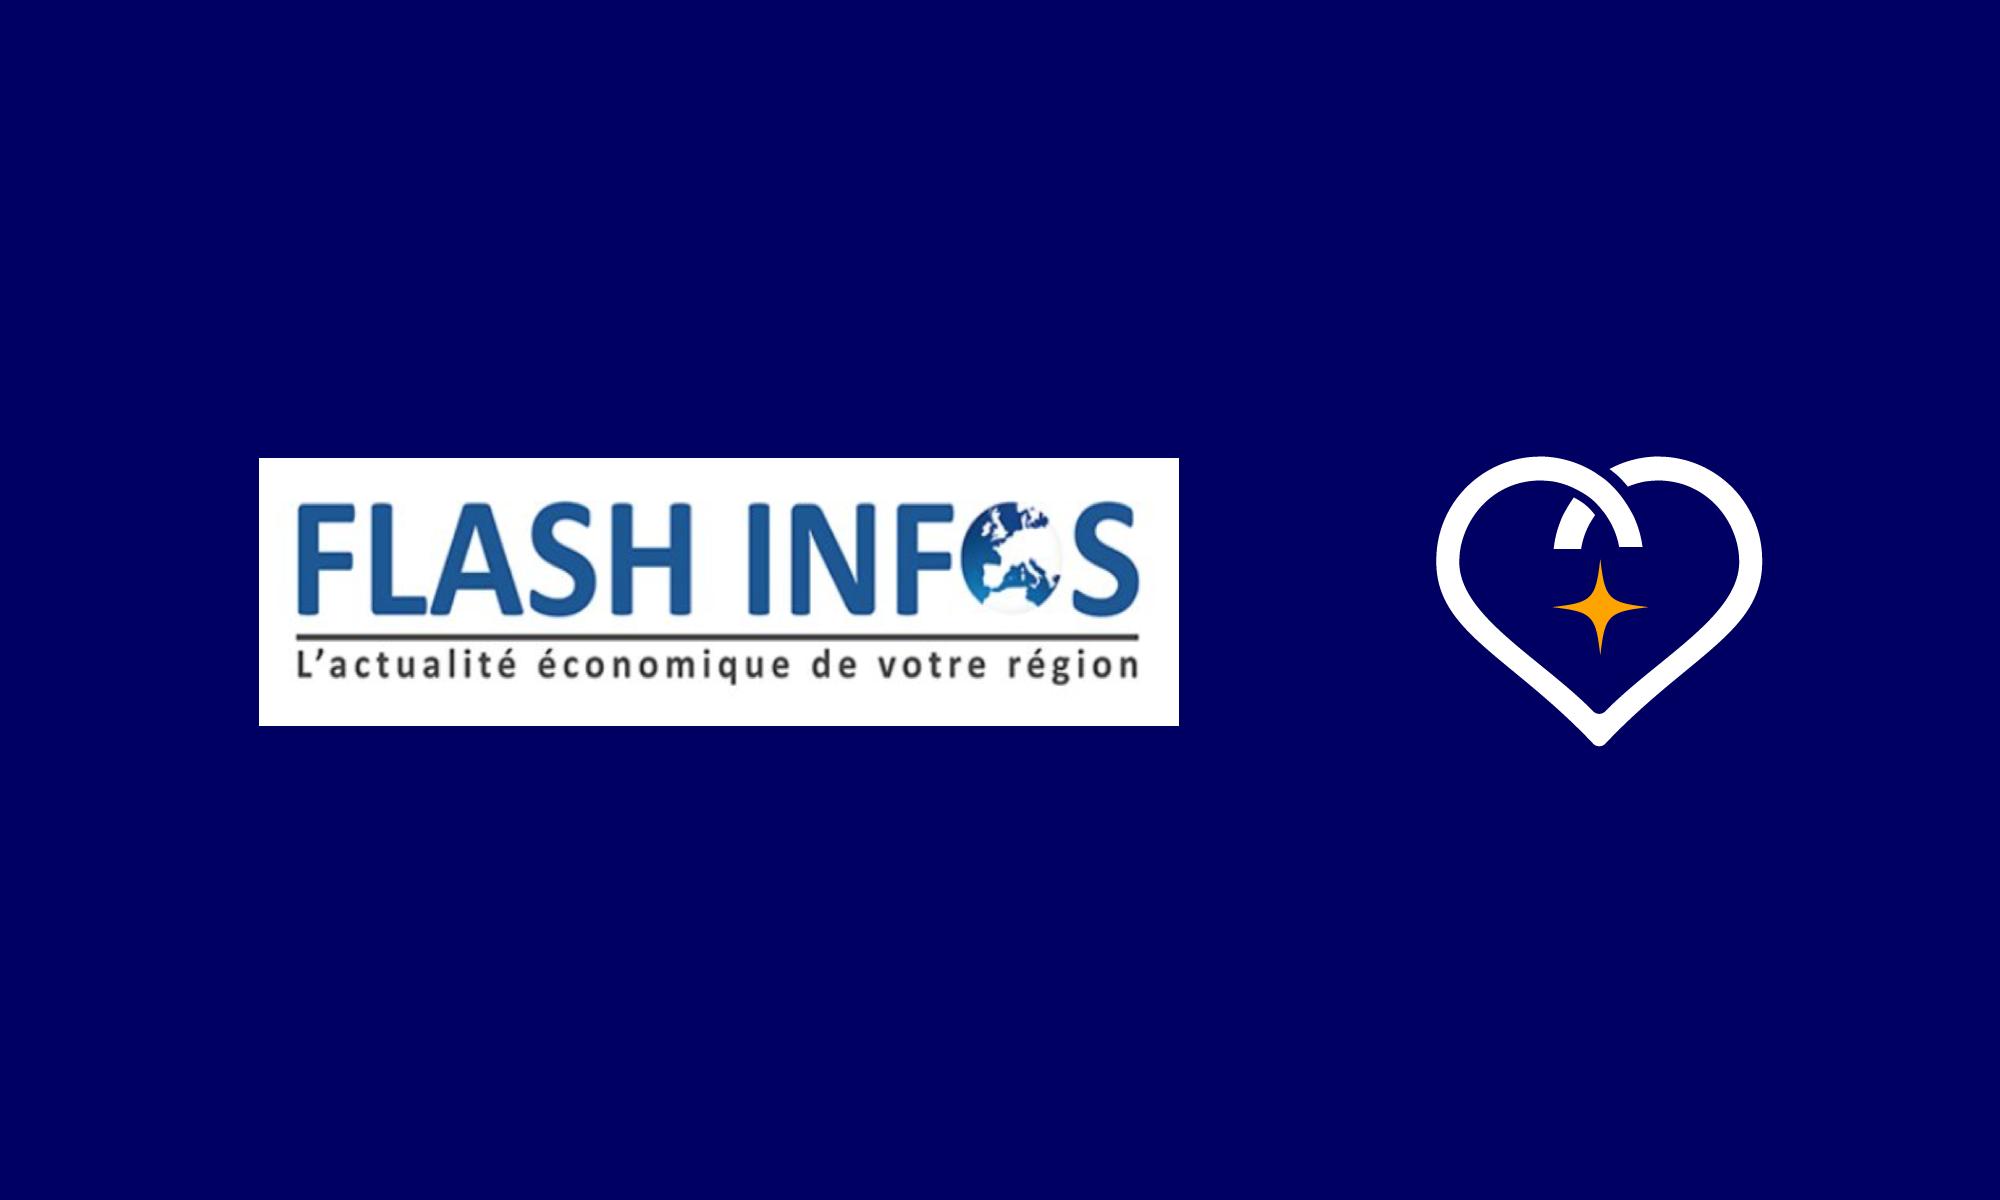 Flash infos : Concilio prépare une levée de fonds